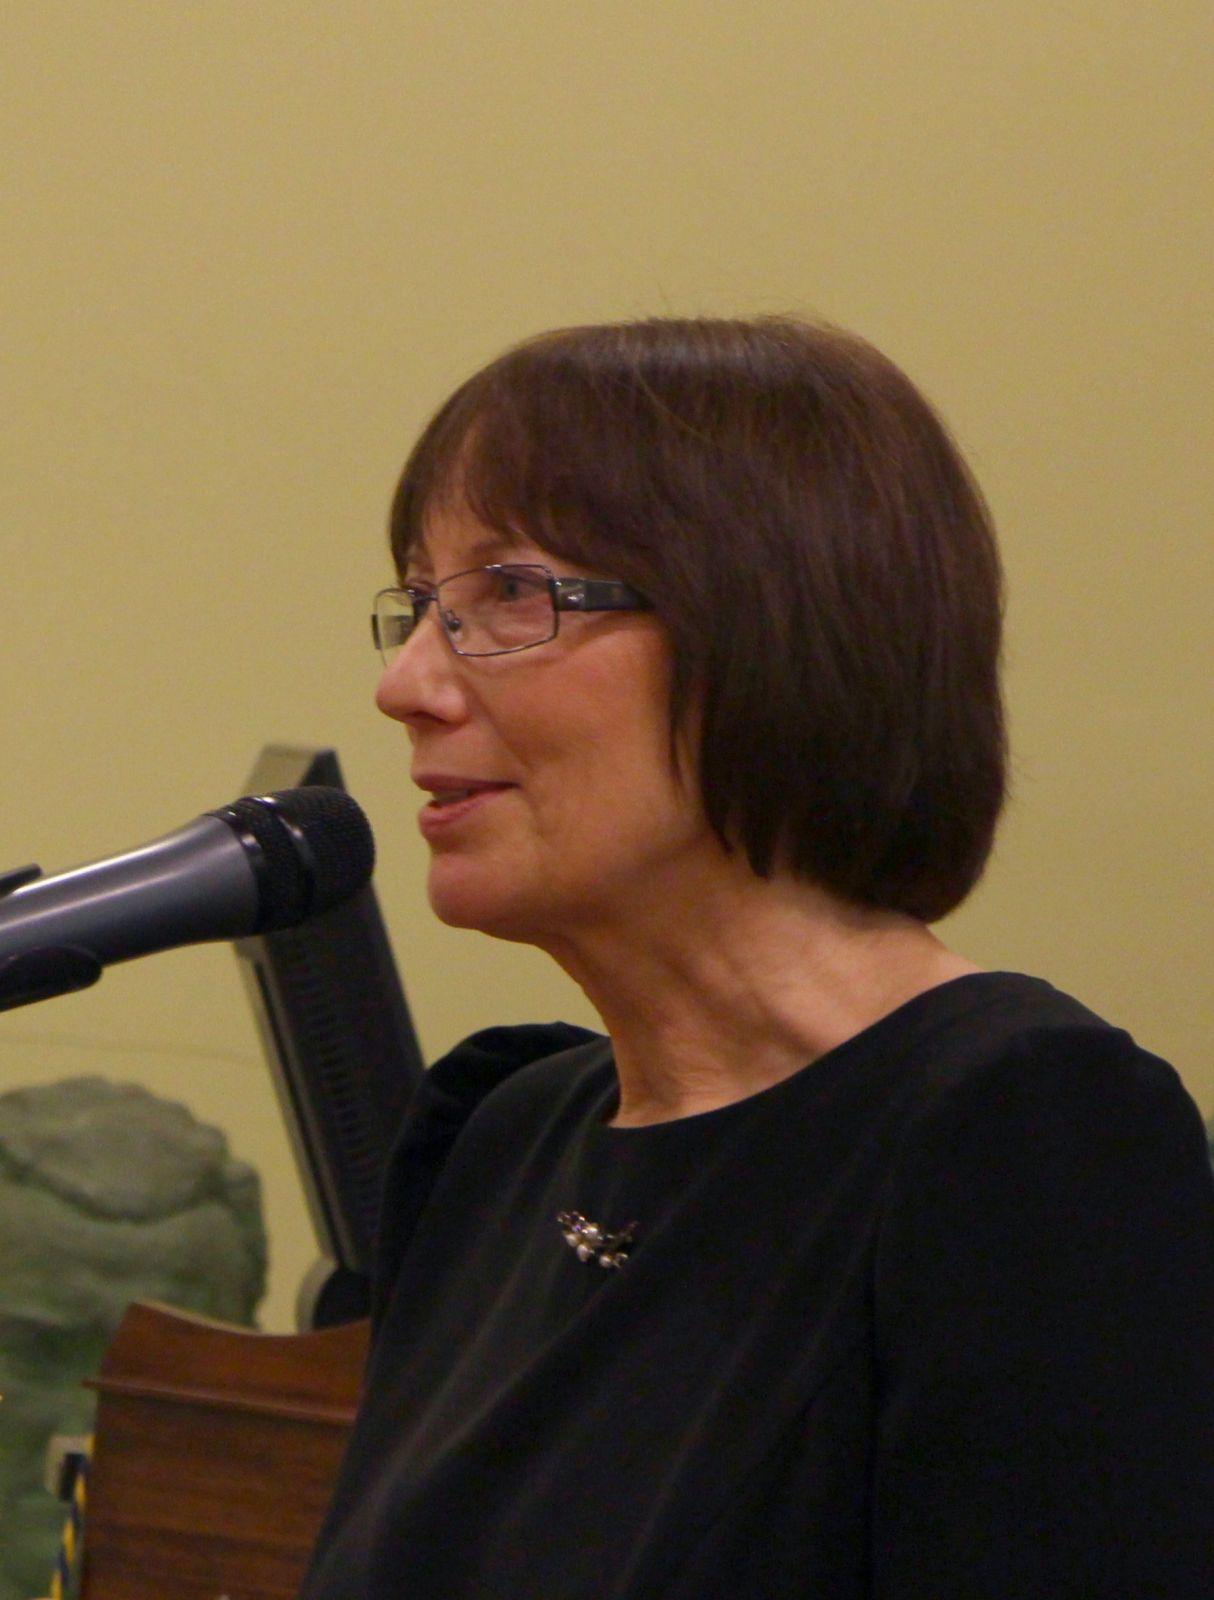 Valjala põhikooli õpetaja Ester Vaiksaar